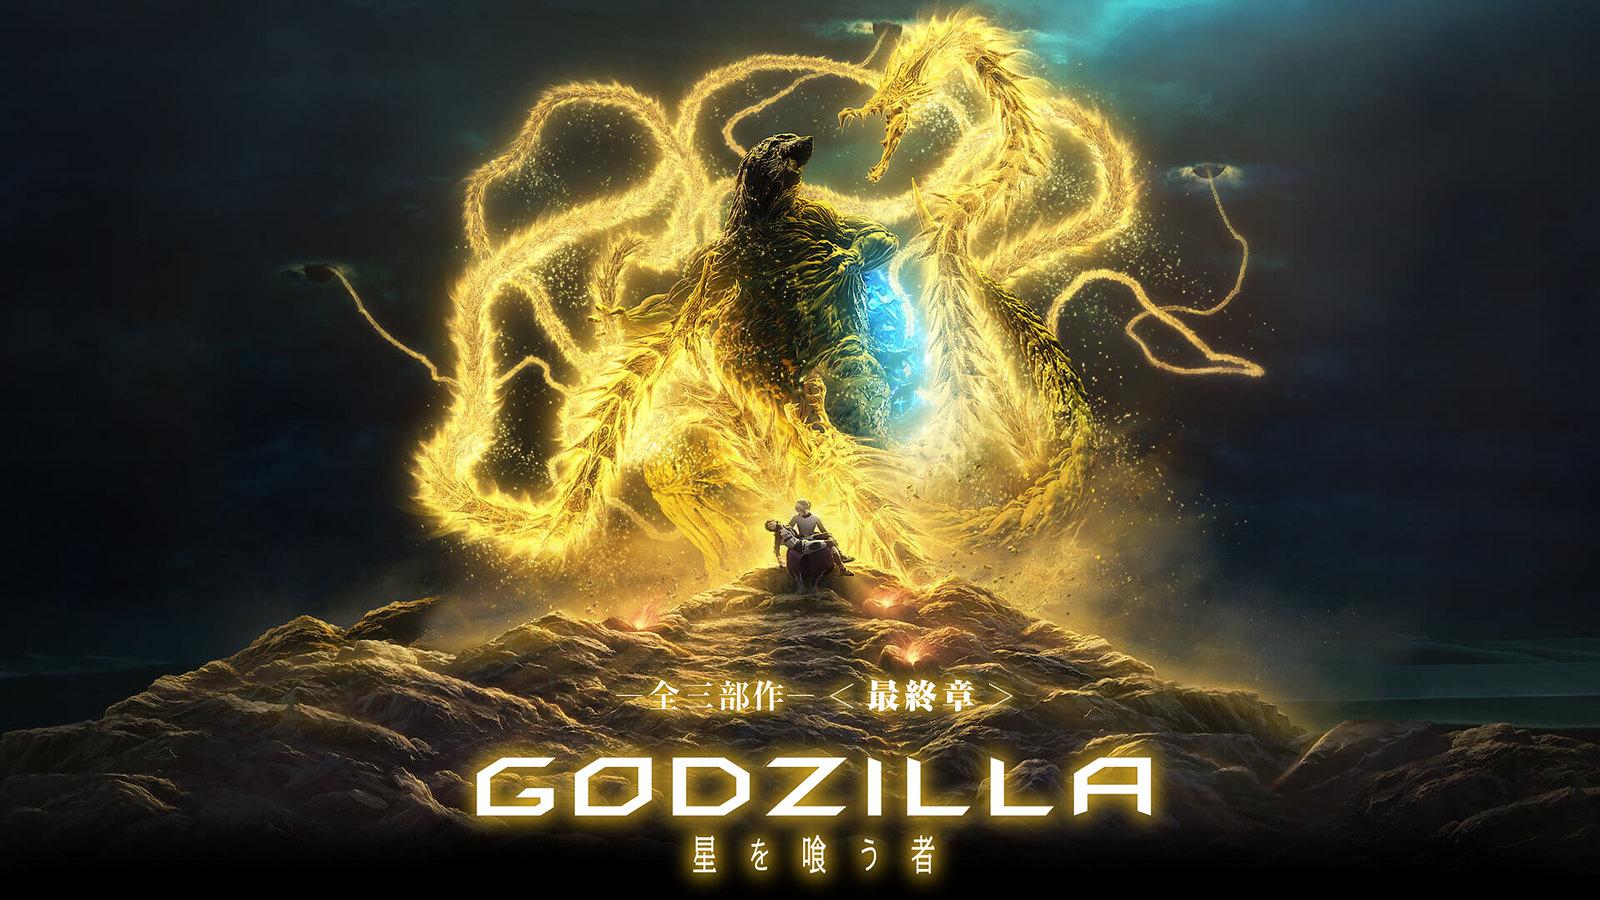 180922 – 高次元怪獸「王者基多拉」毀滅來襲!劇場版《GODZILLA 第3章 噬星者》宣布11/9完結上映、多幅劇照公開!